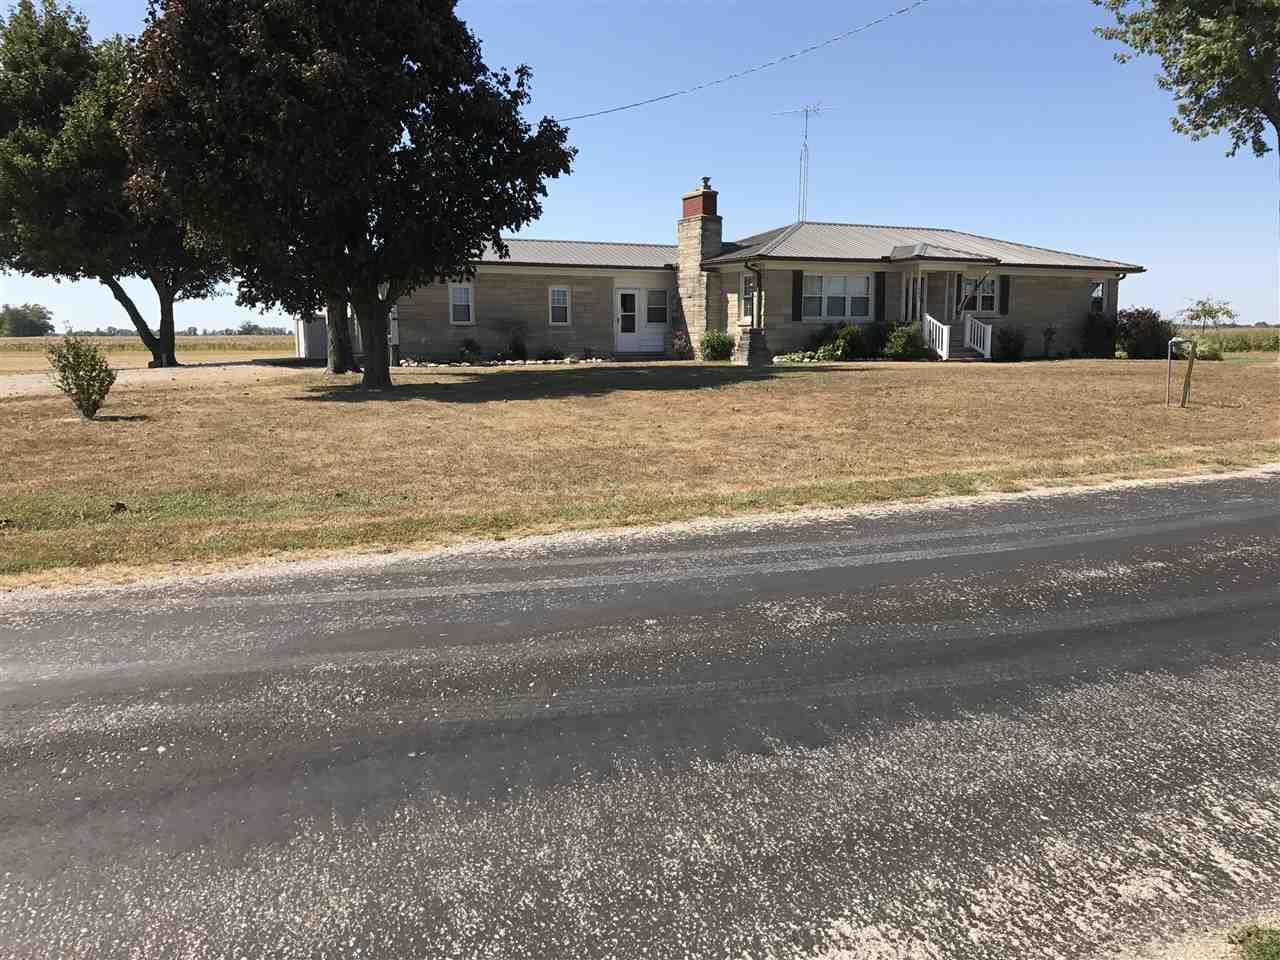 14441 N Huey Rd, Sandborn, IN 47578